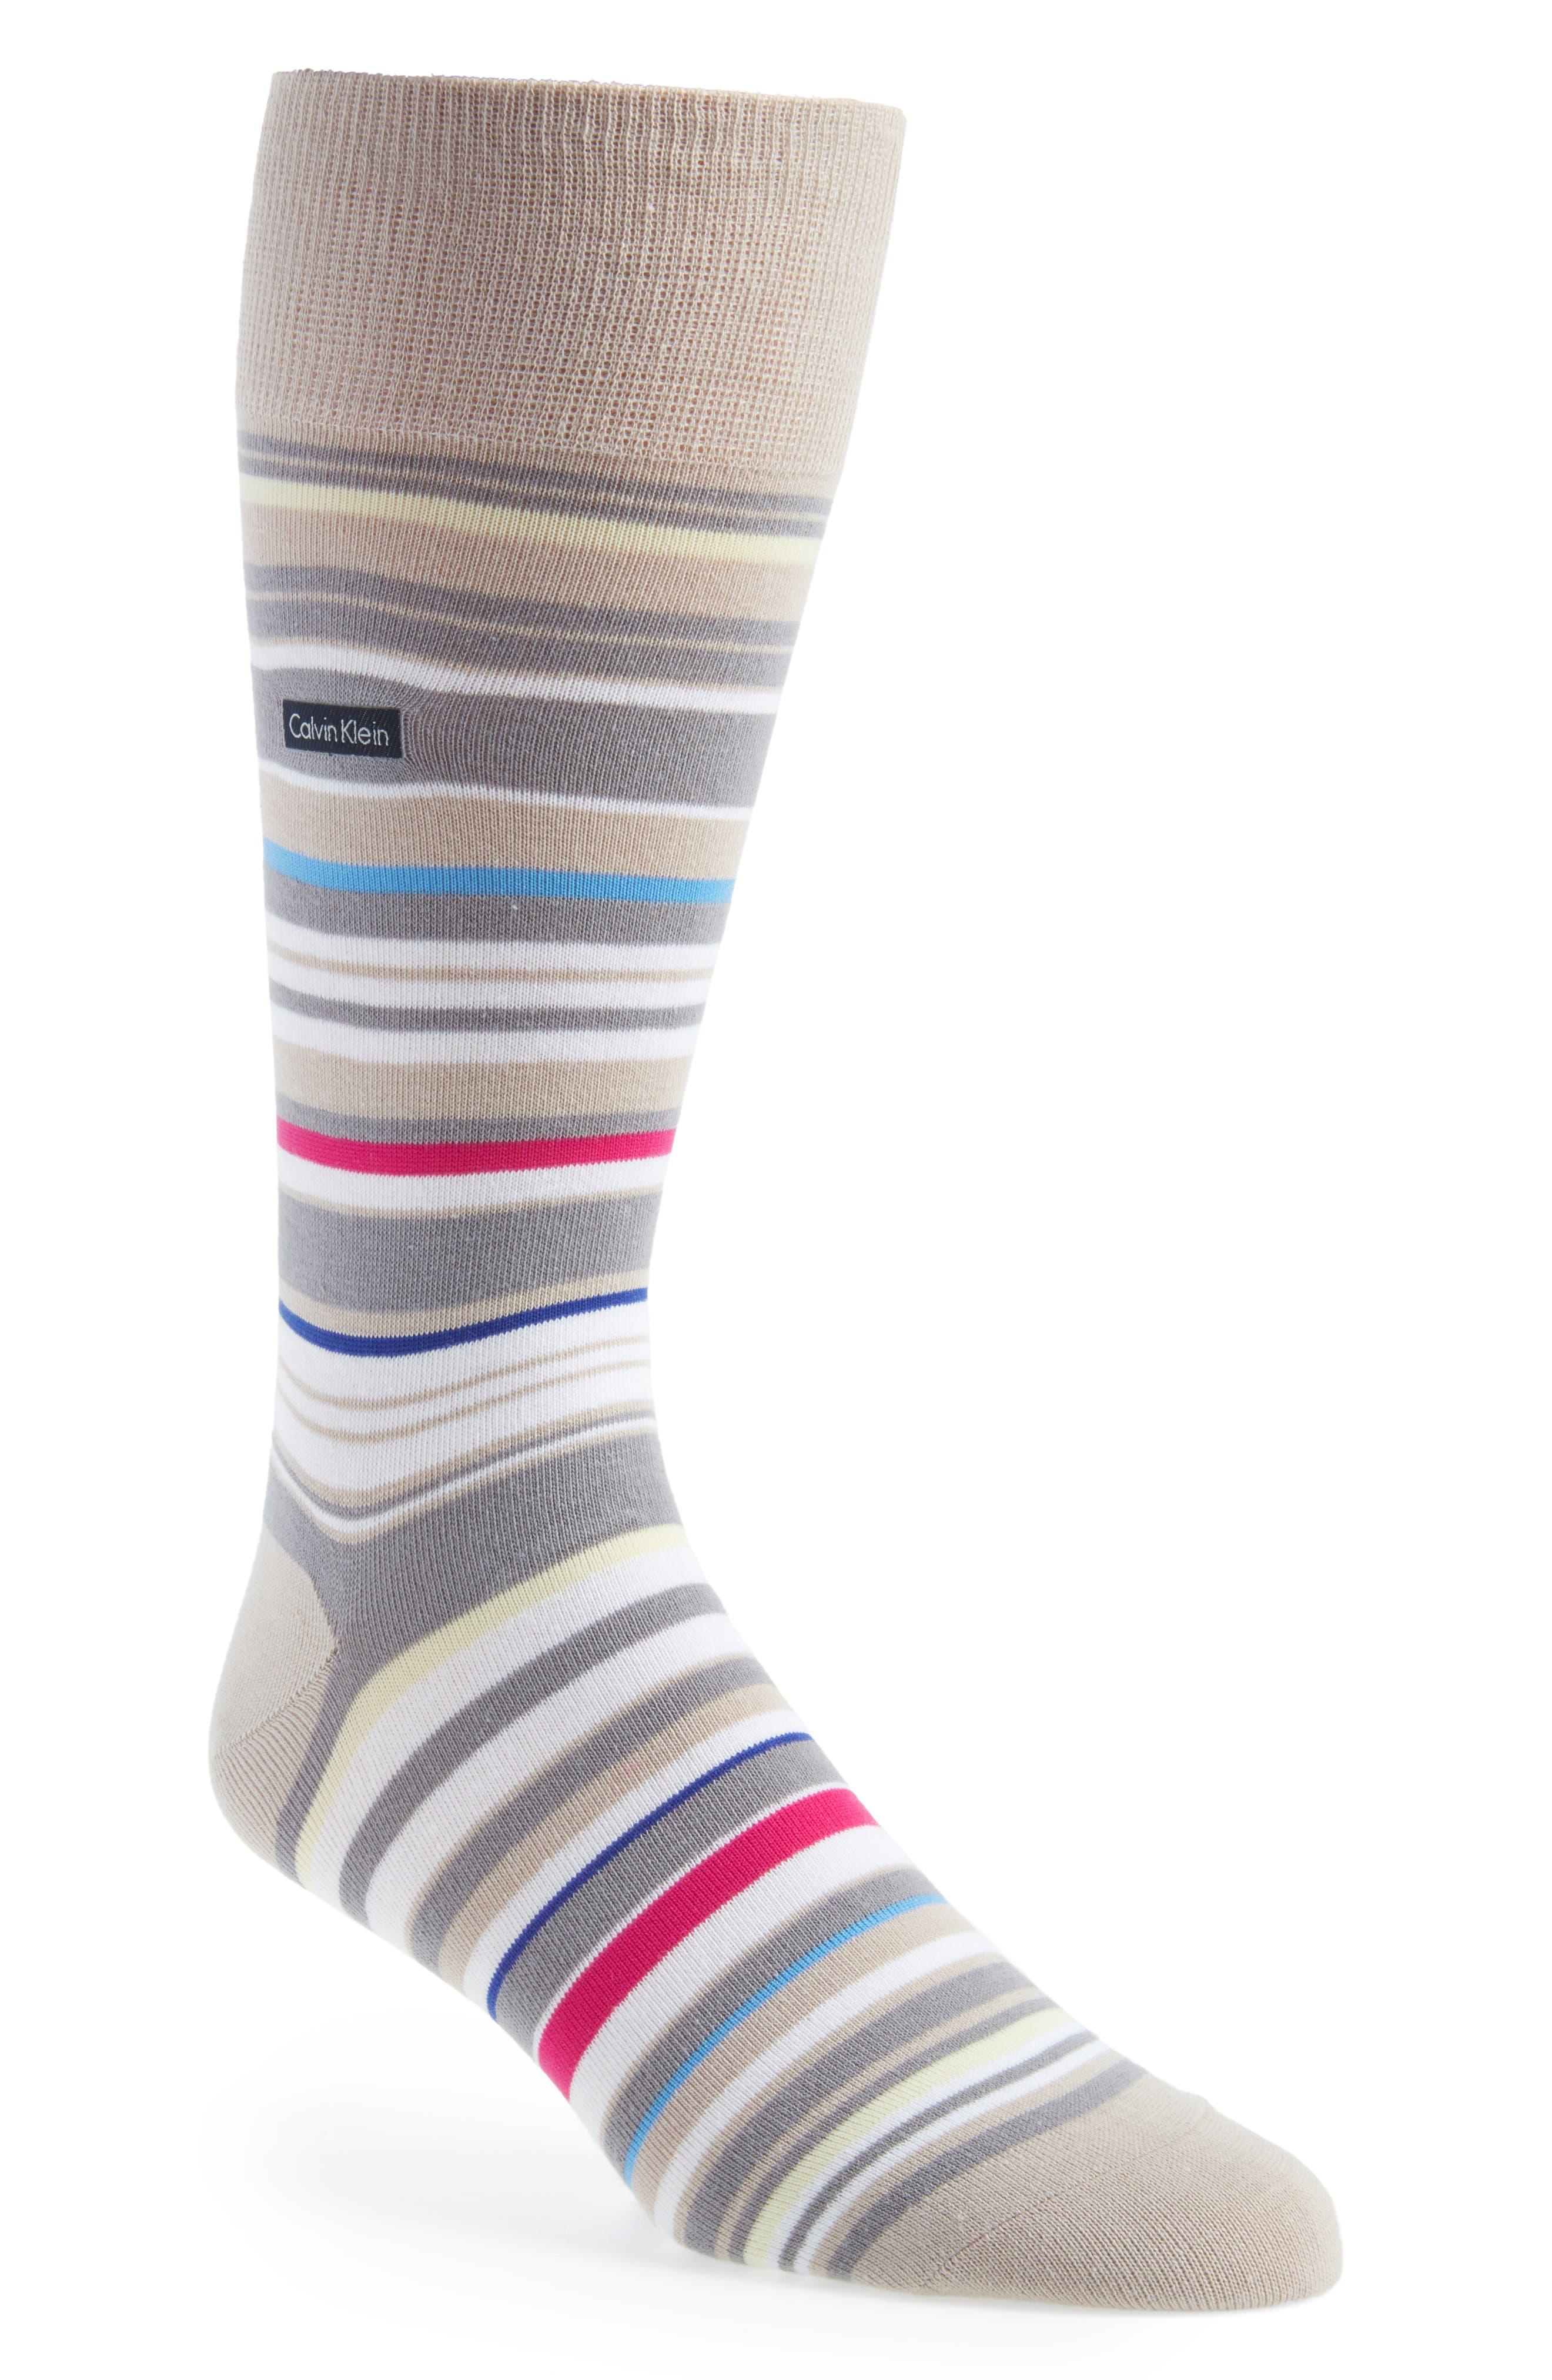 Multistripe Emblem Socks,                             Main thumbnail 1, color,                             051